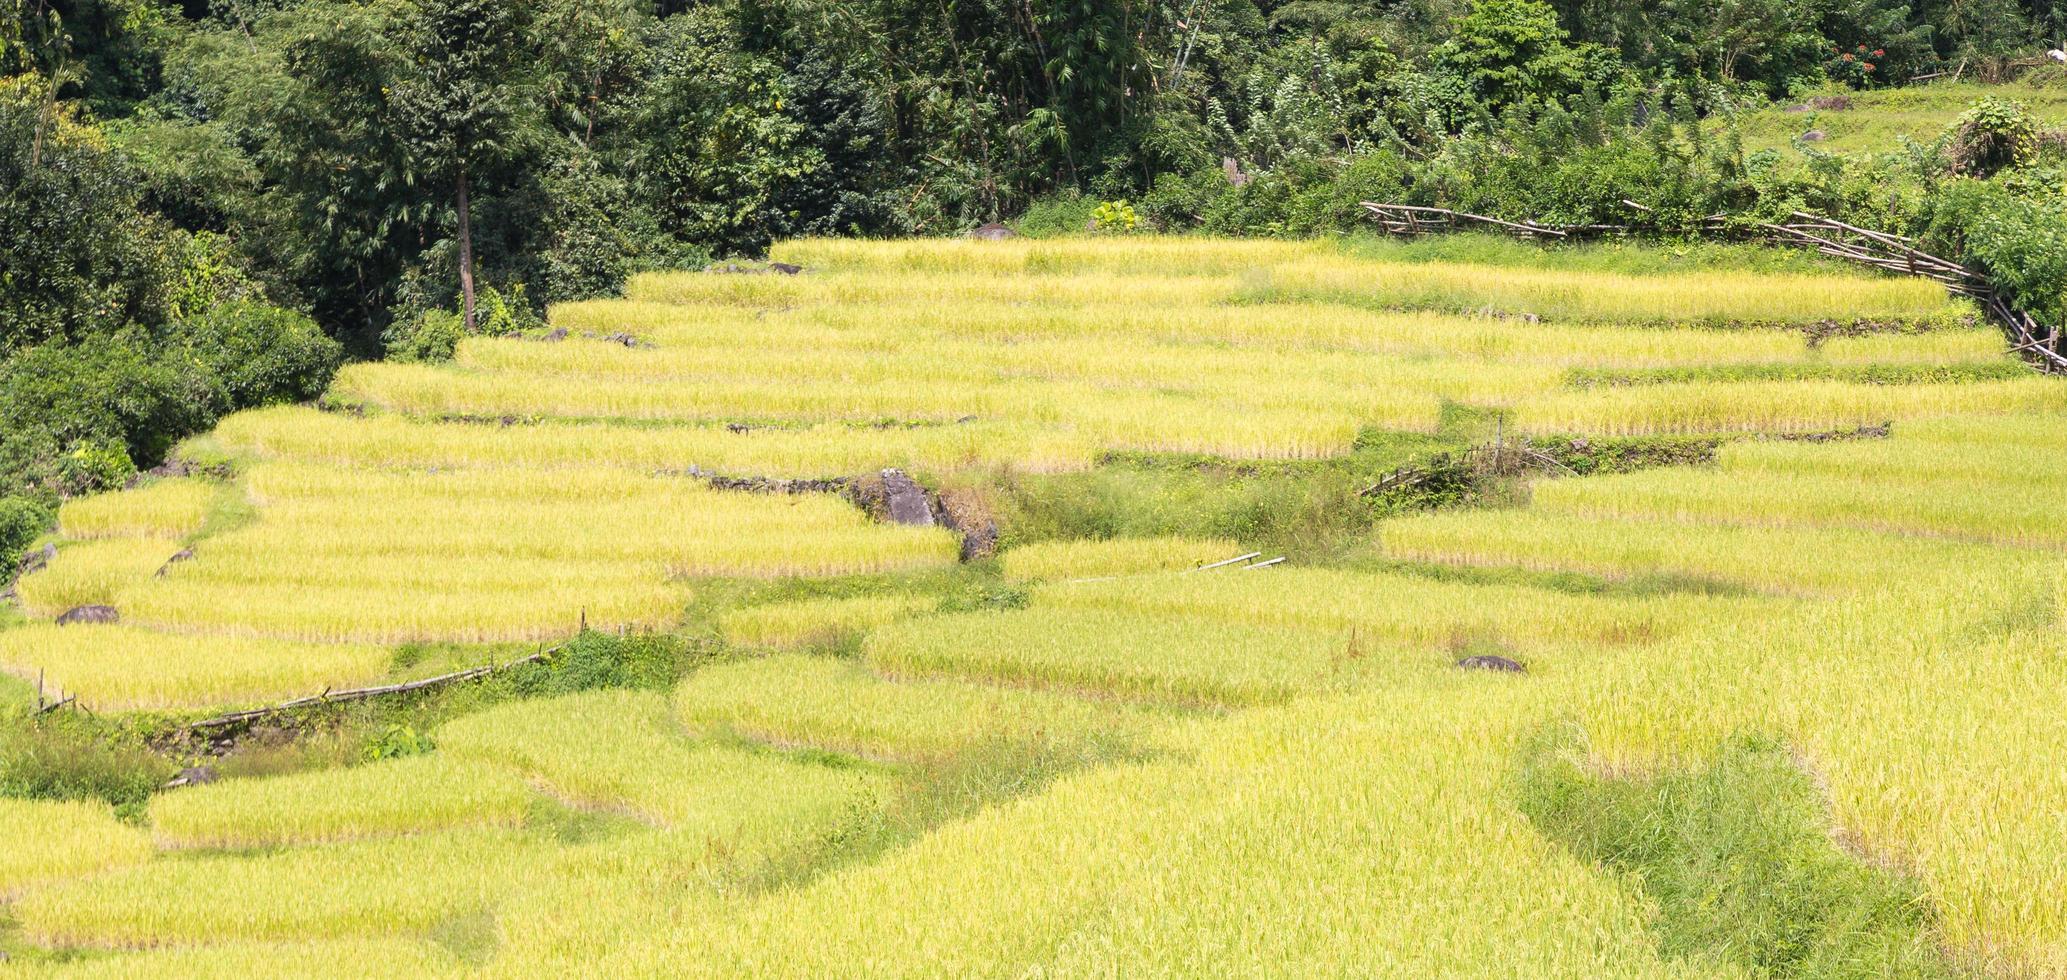 fattoria di riso sulla montagna in thailandia foto